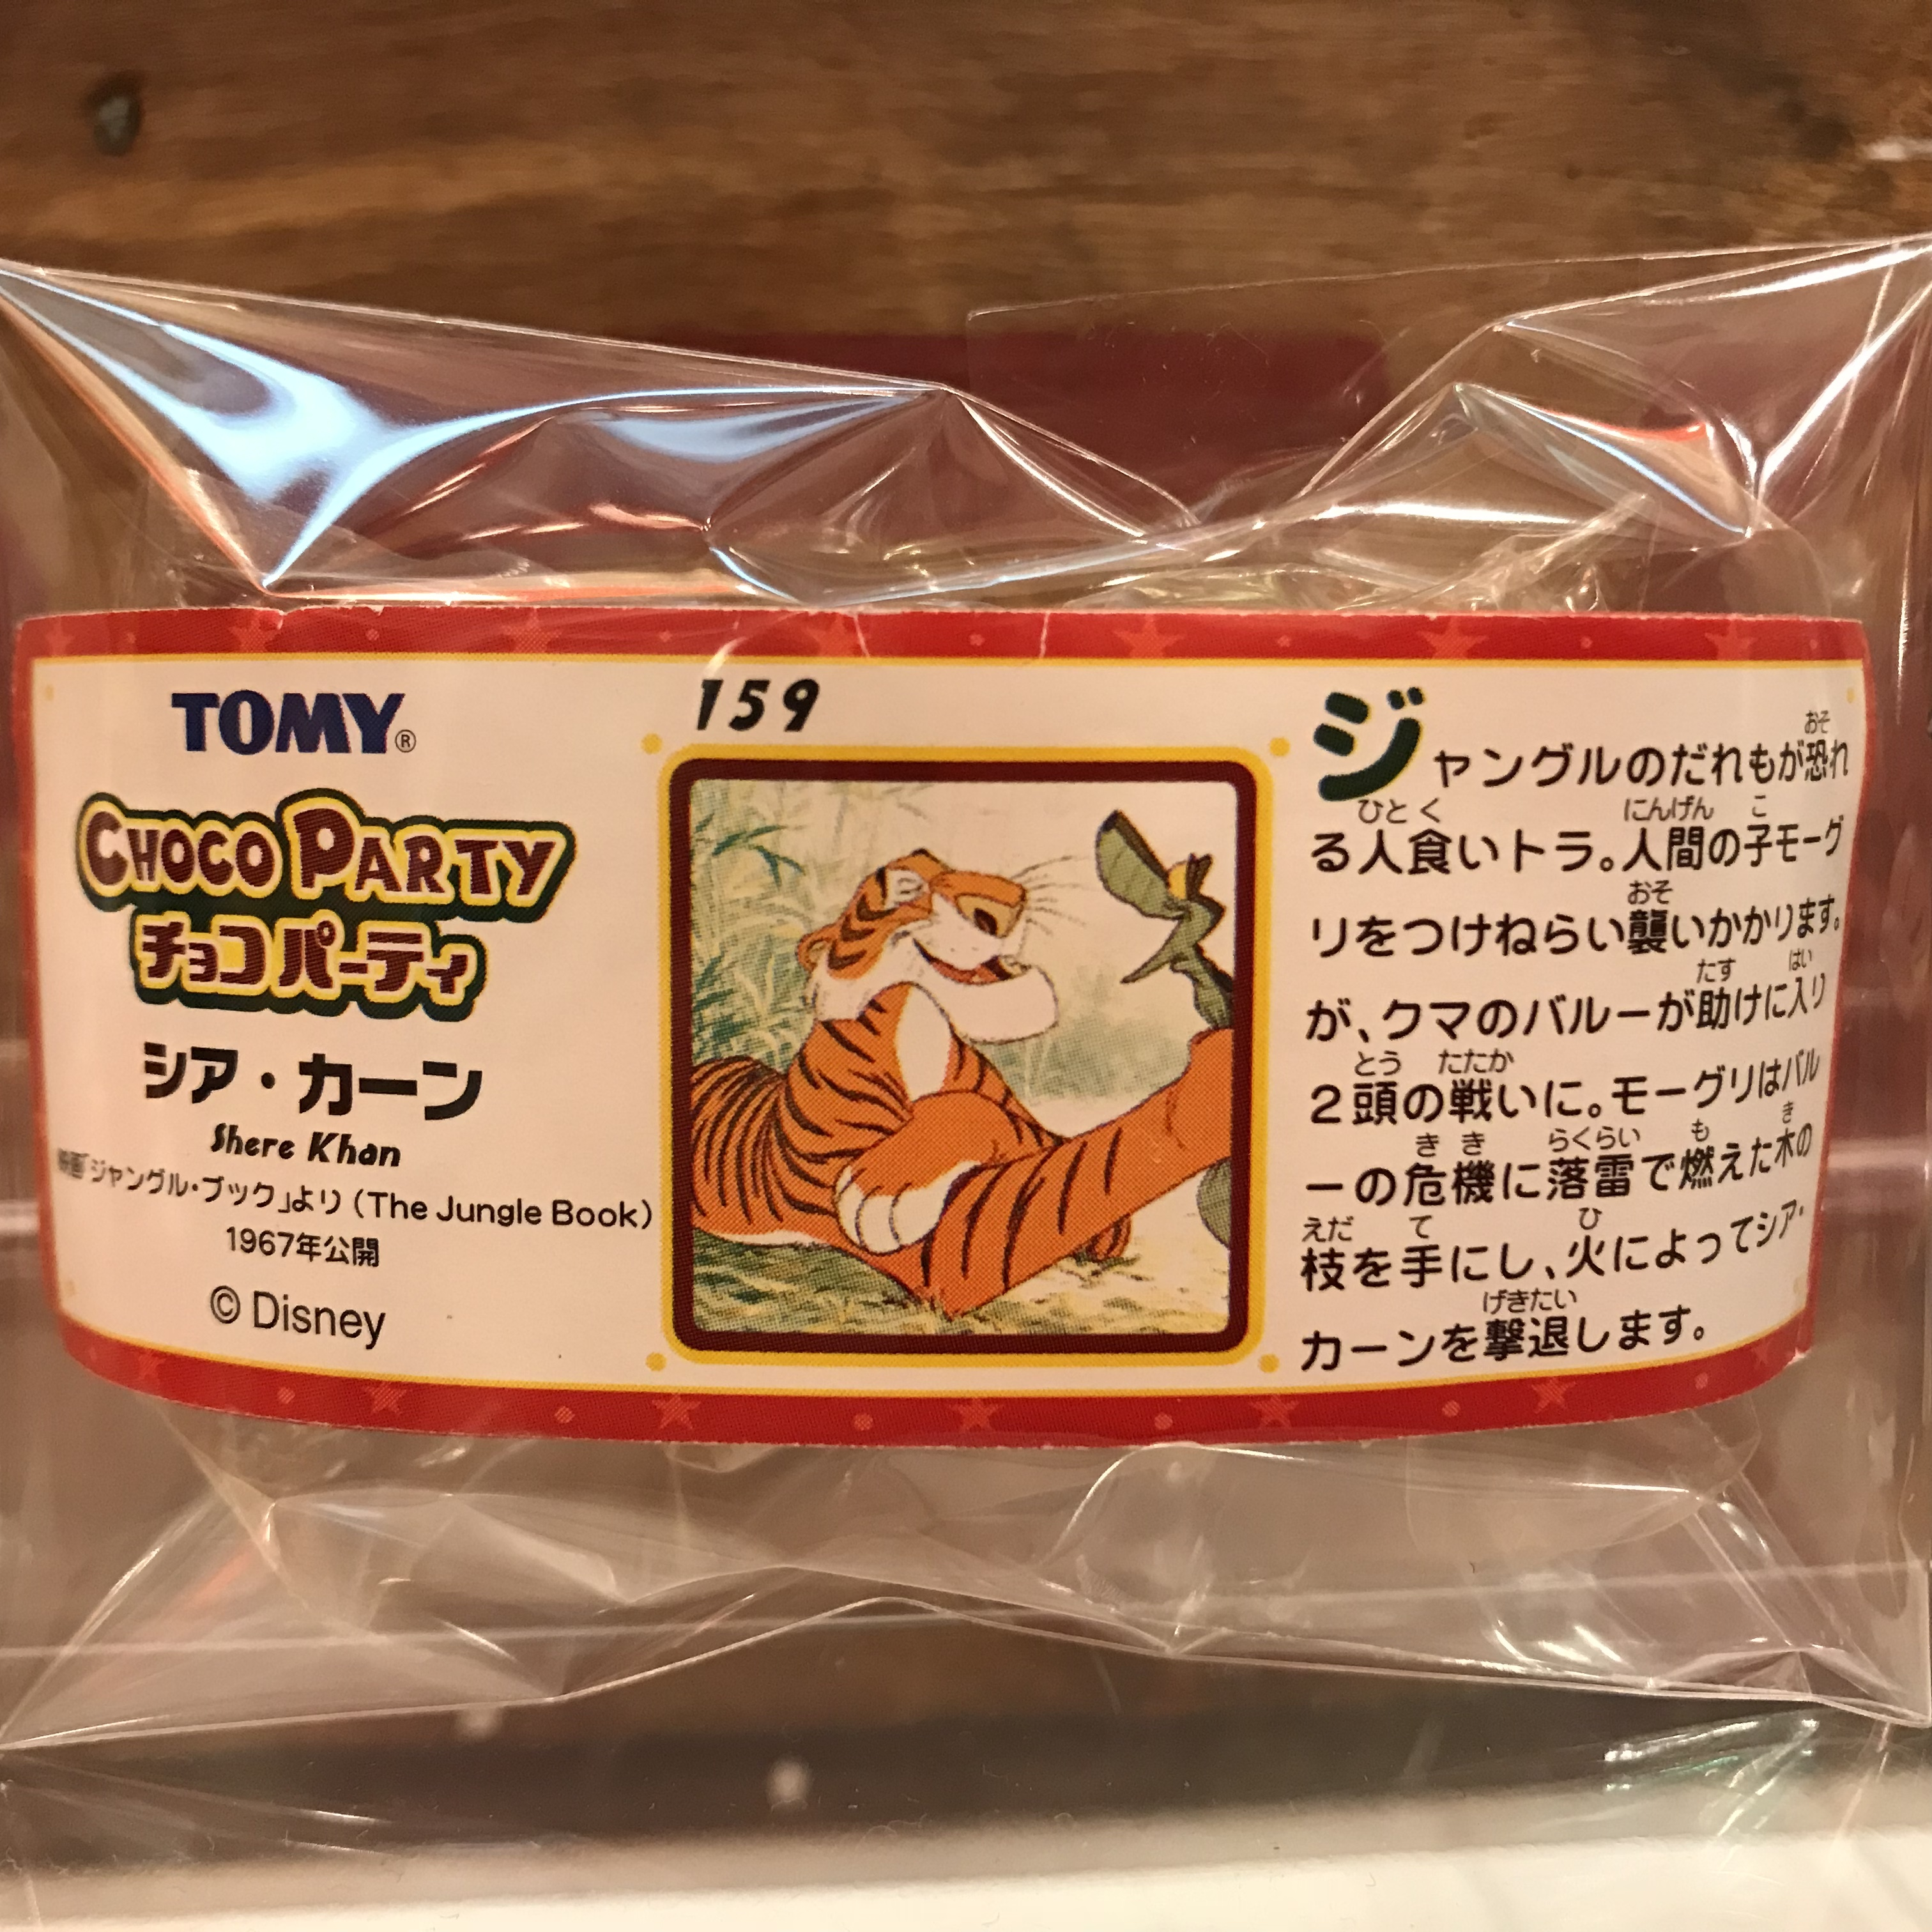 ディズニー チョコパーティ 159 シア・カーン フィギュア 内袋未開封・ミニブック付 TOMY